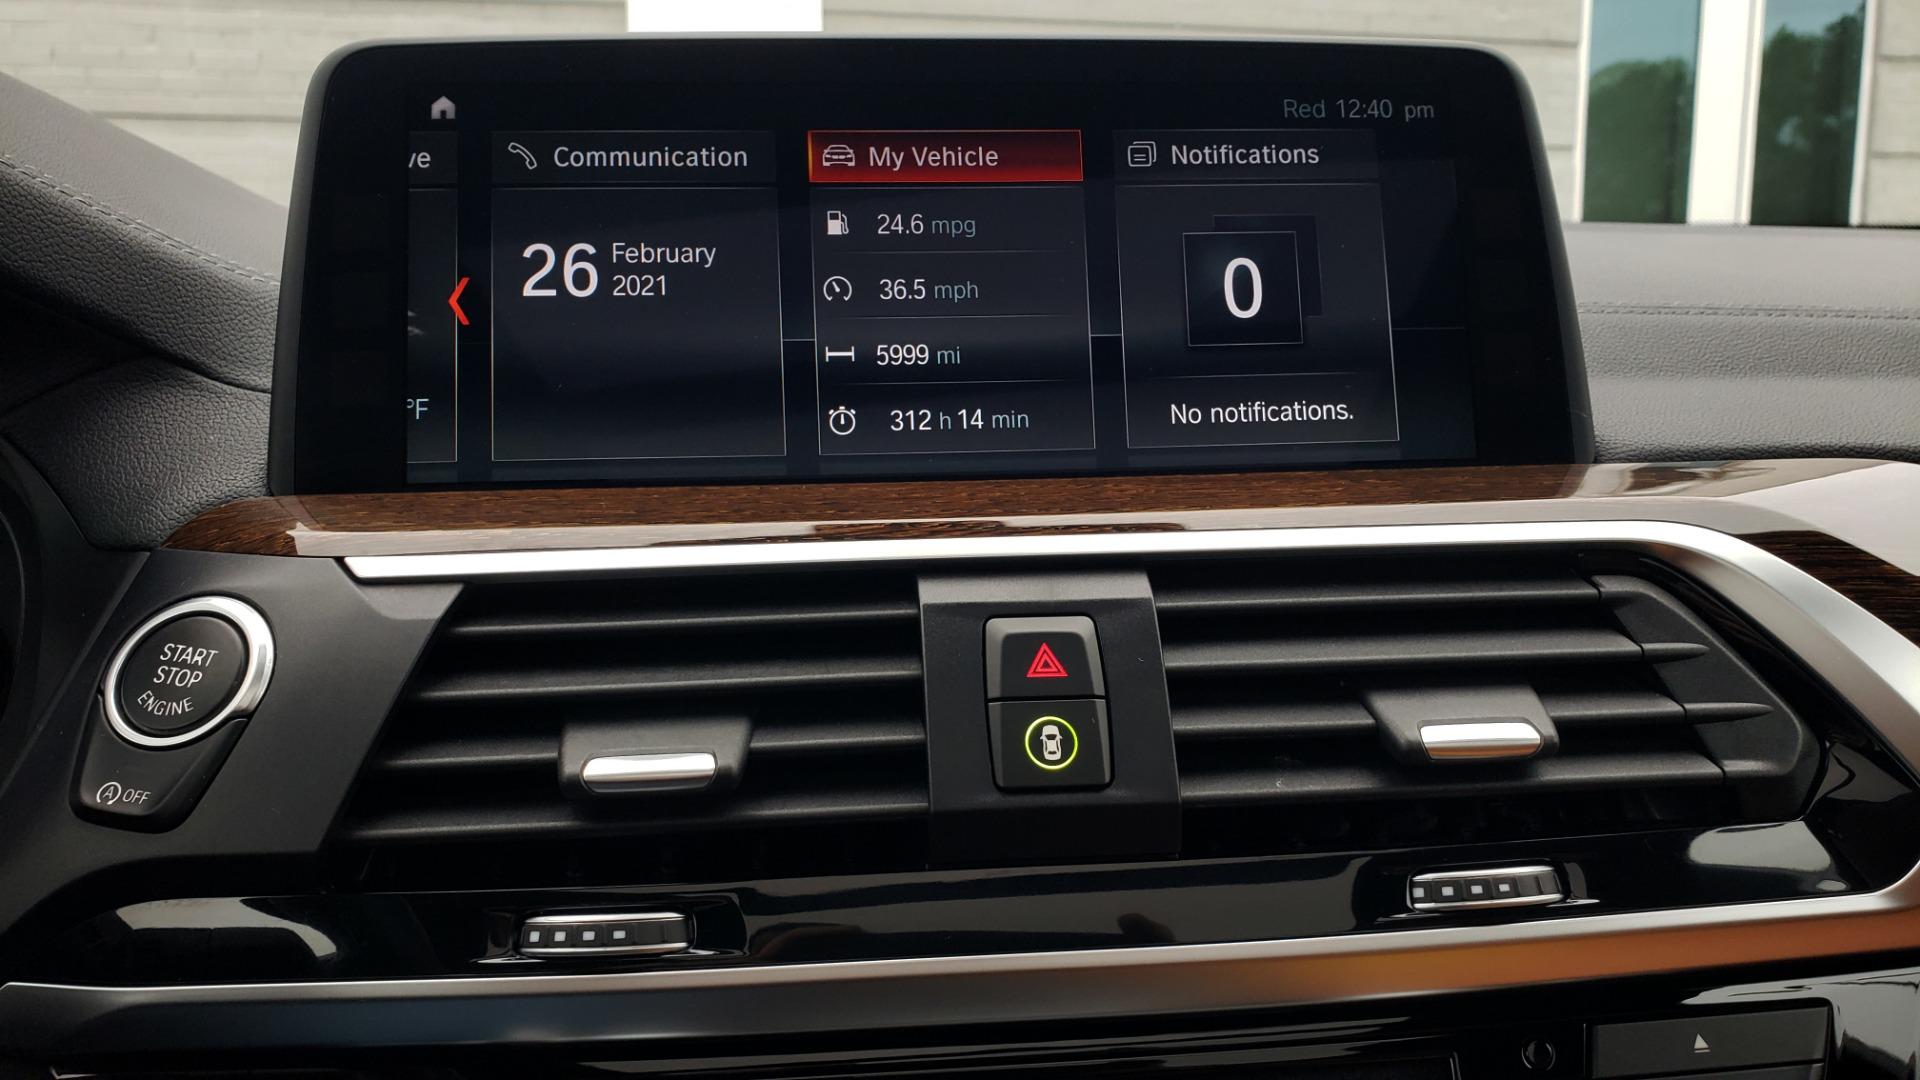 Used 2018 BMW X3 XDRIVE30I / LUX PKG / PREM PKG / CONV PKG / PDC / APPLE CARPLAY for sale Sold at Formula Imports in Charlotte NC 28227 49